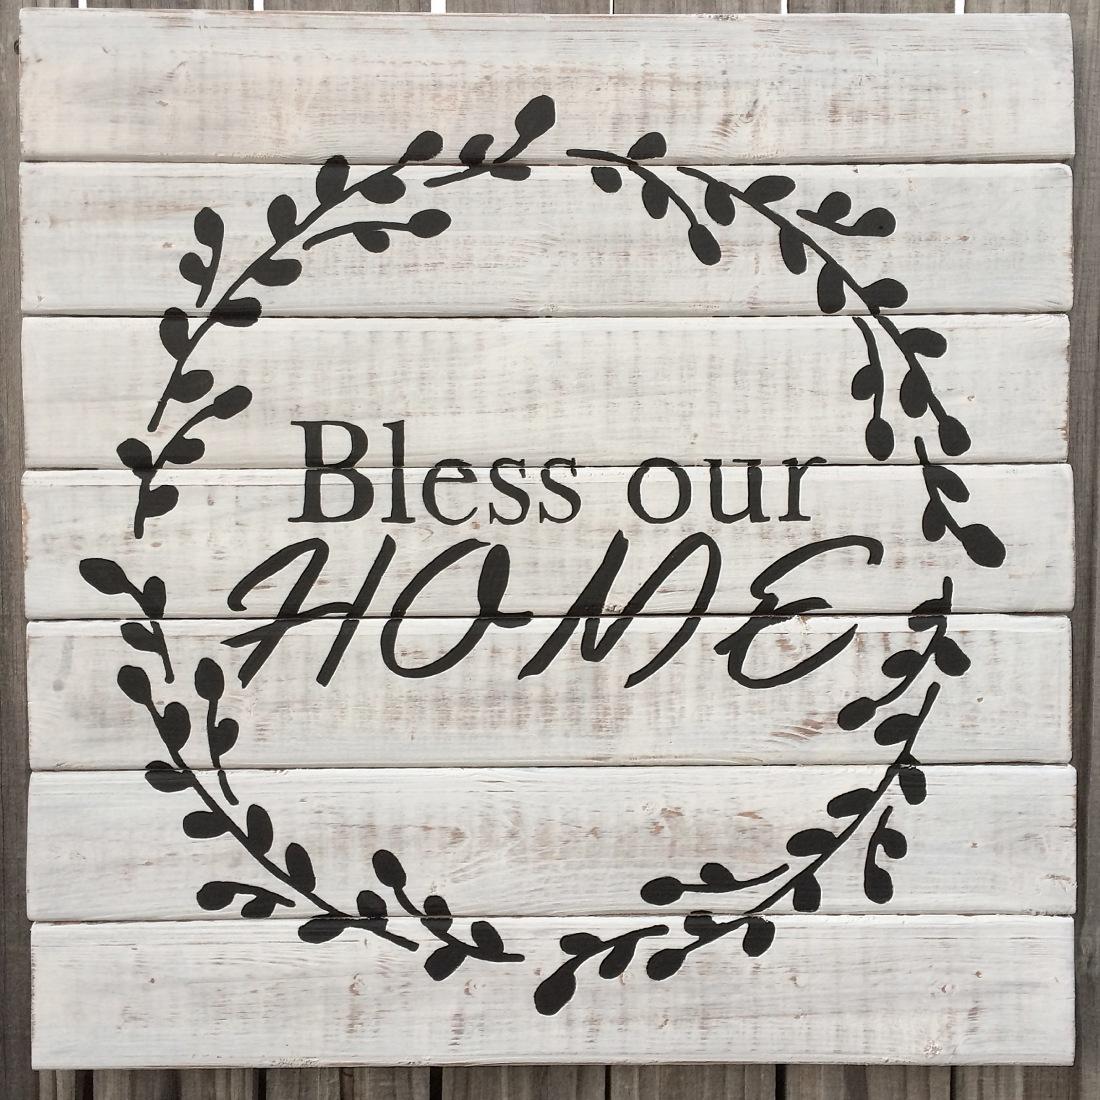 BlessOurHome